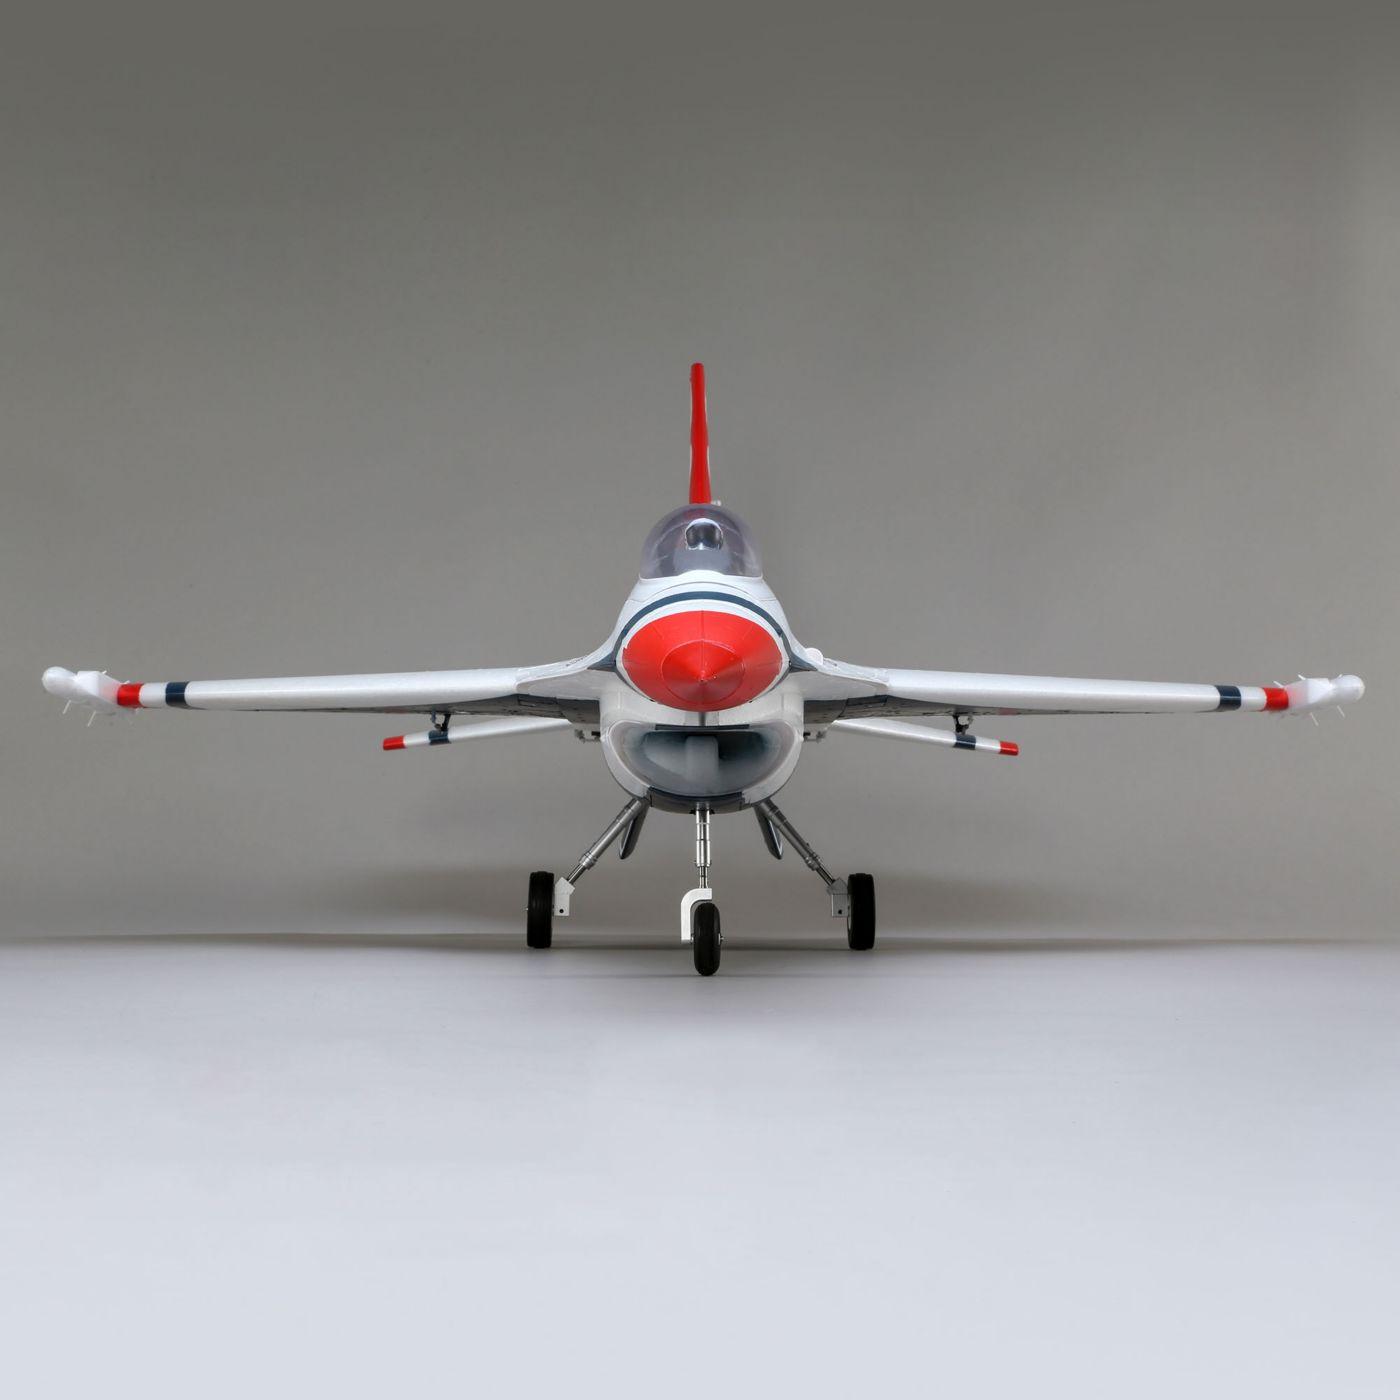 F-16 Thunderbirds E-flite